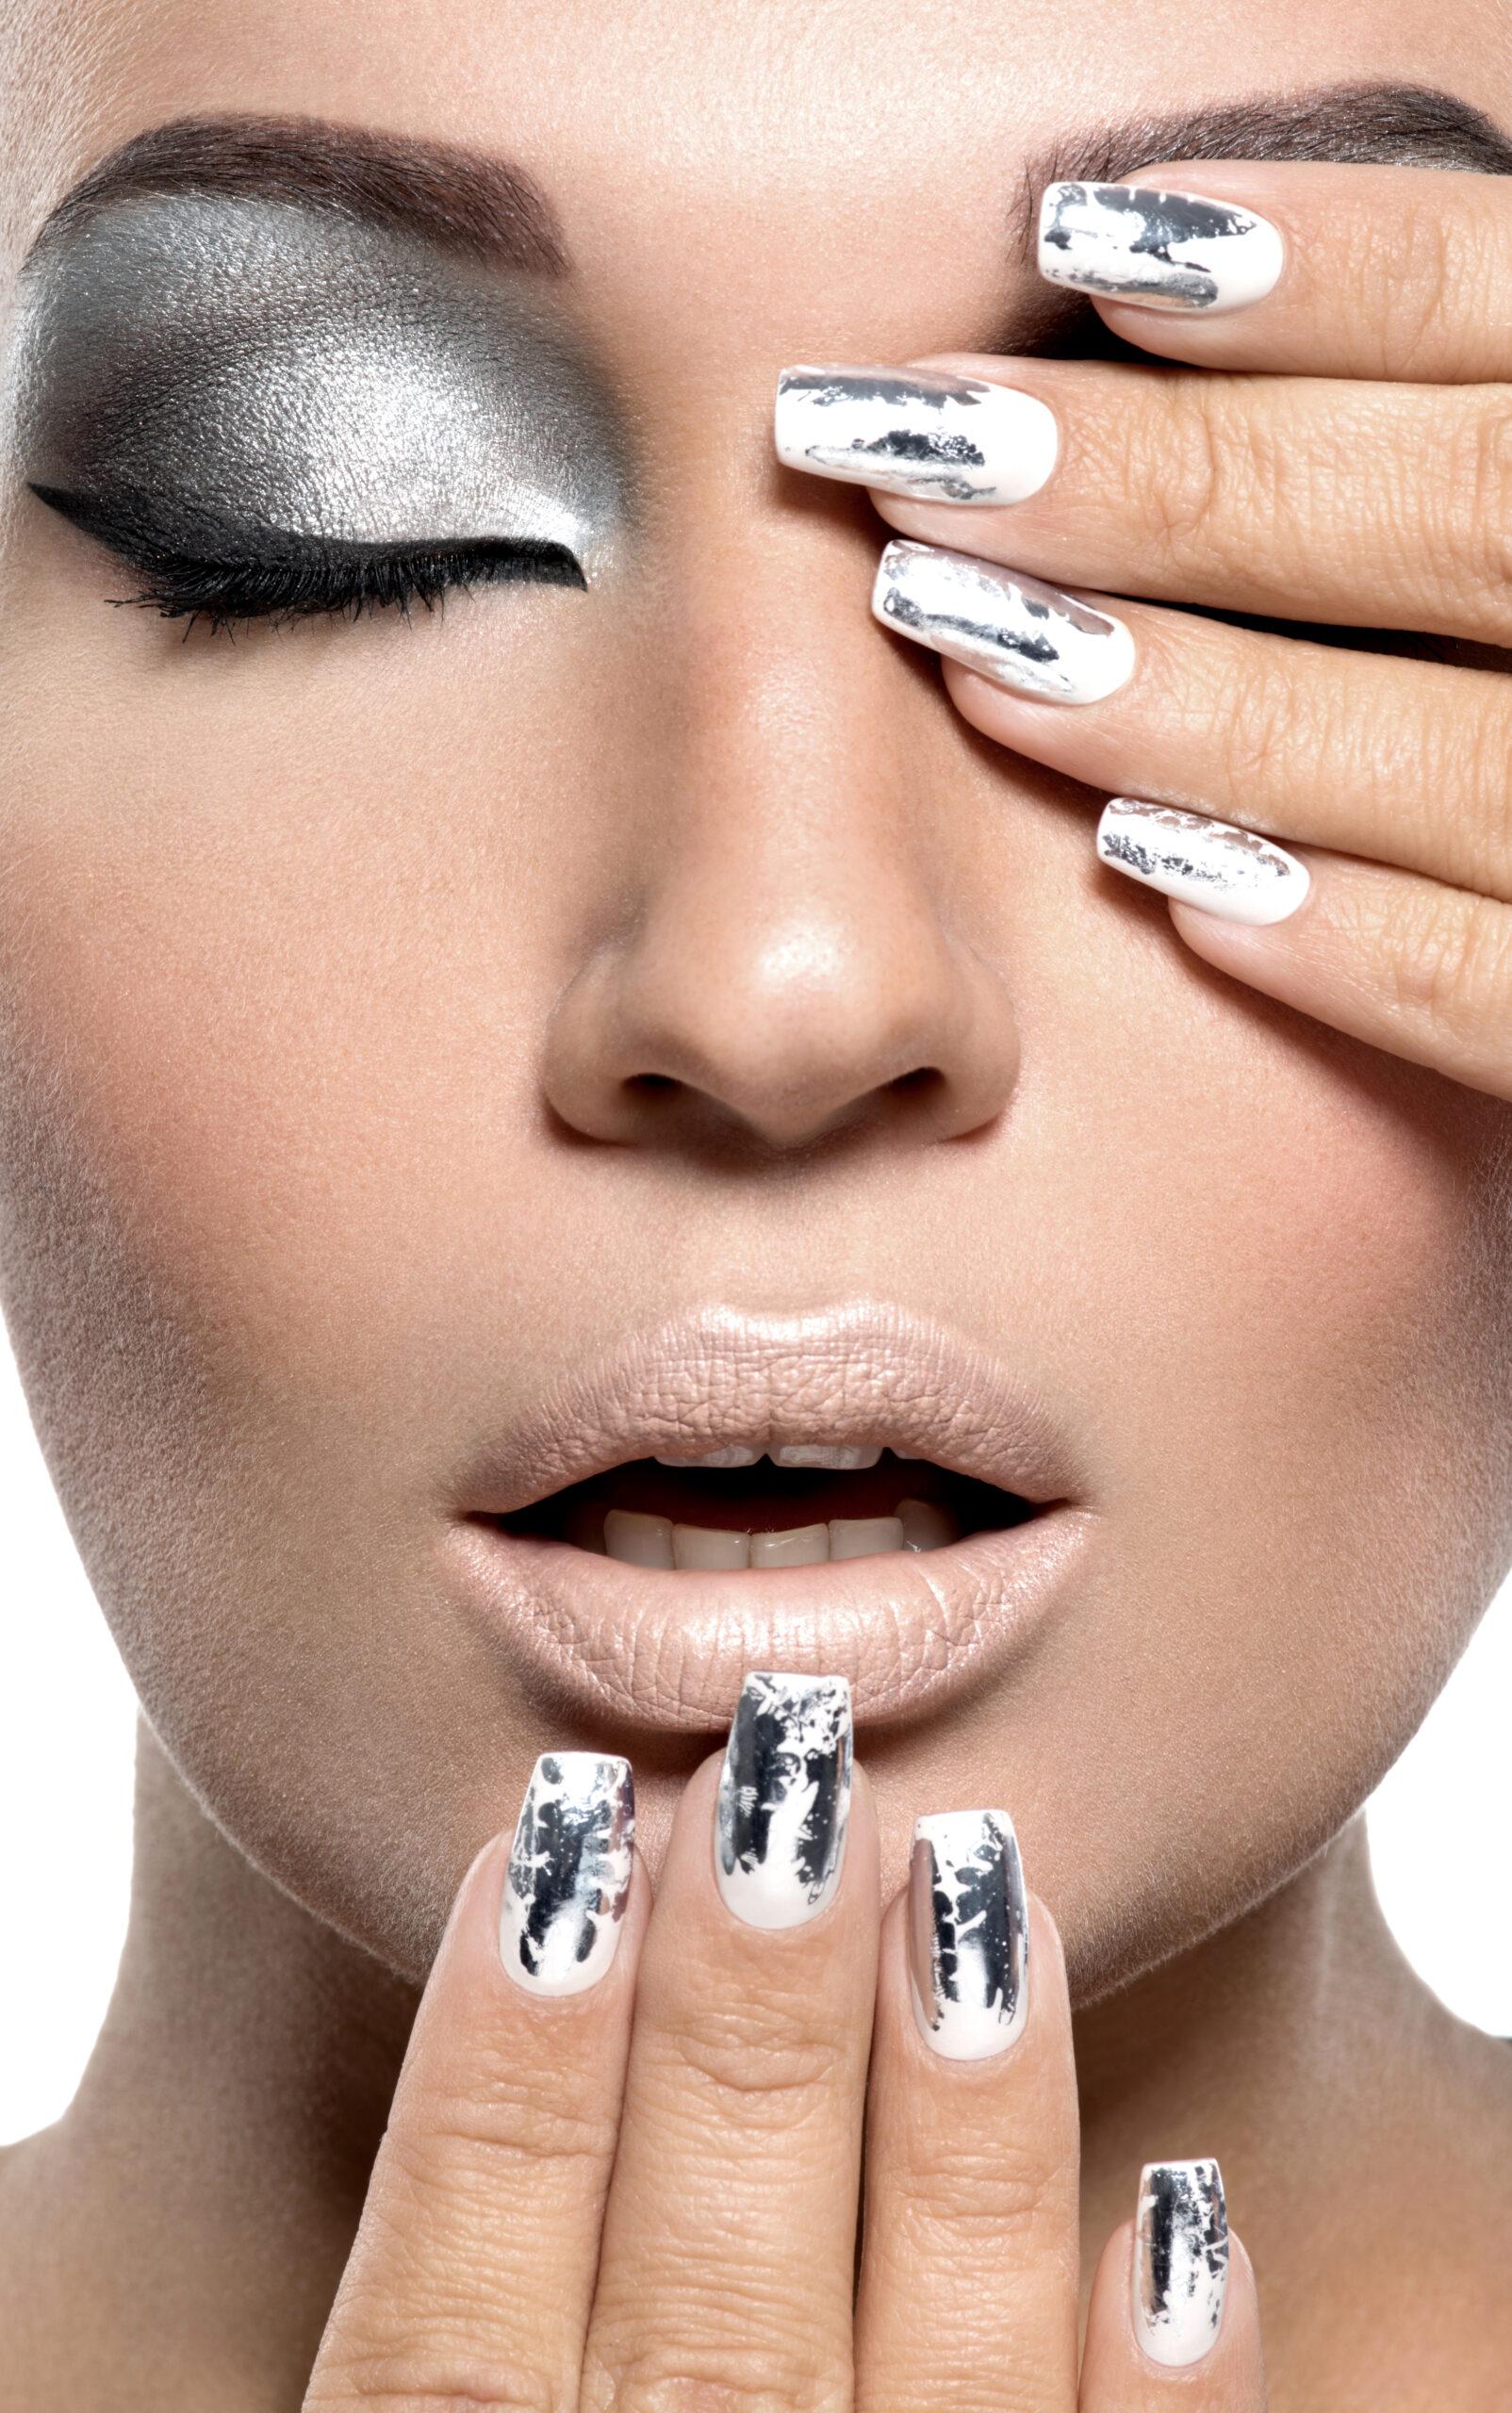 srebrne paznokcie ślubne z efektem lustra